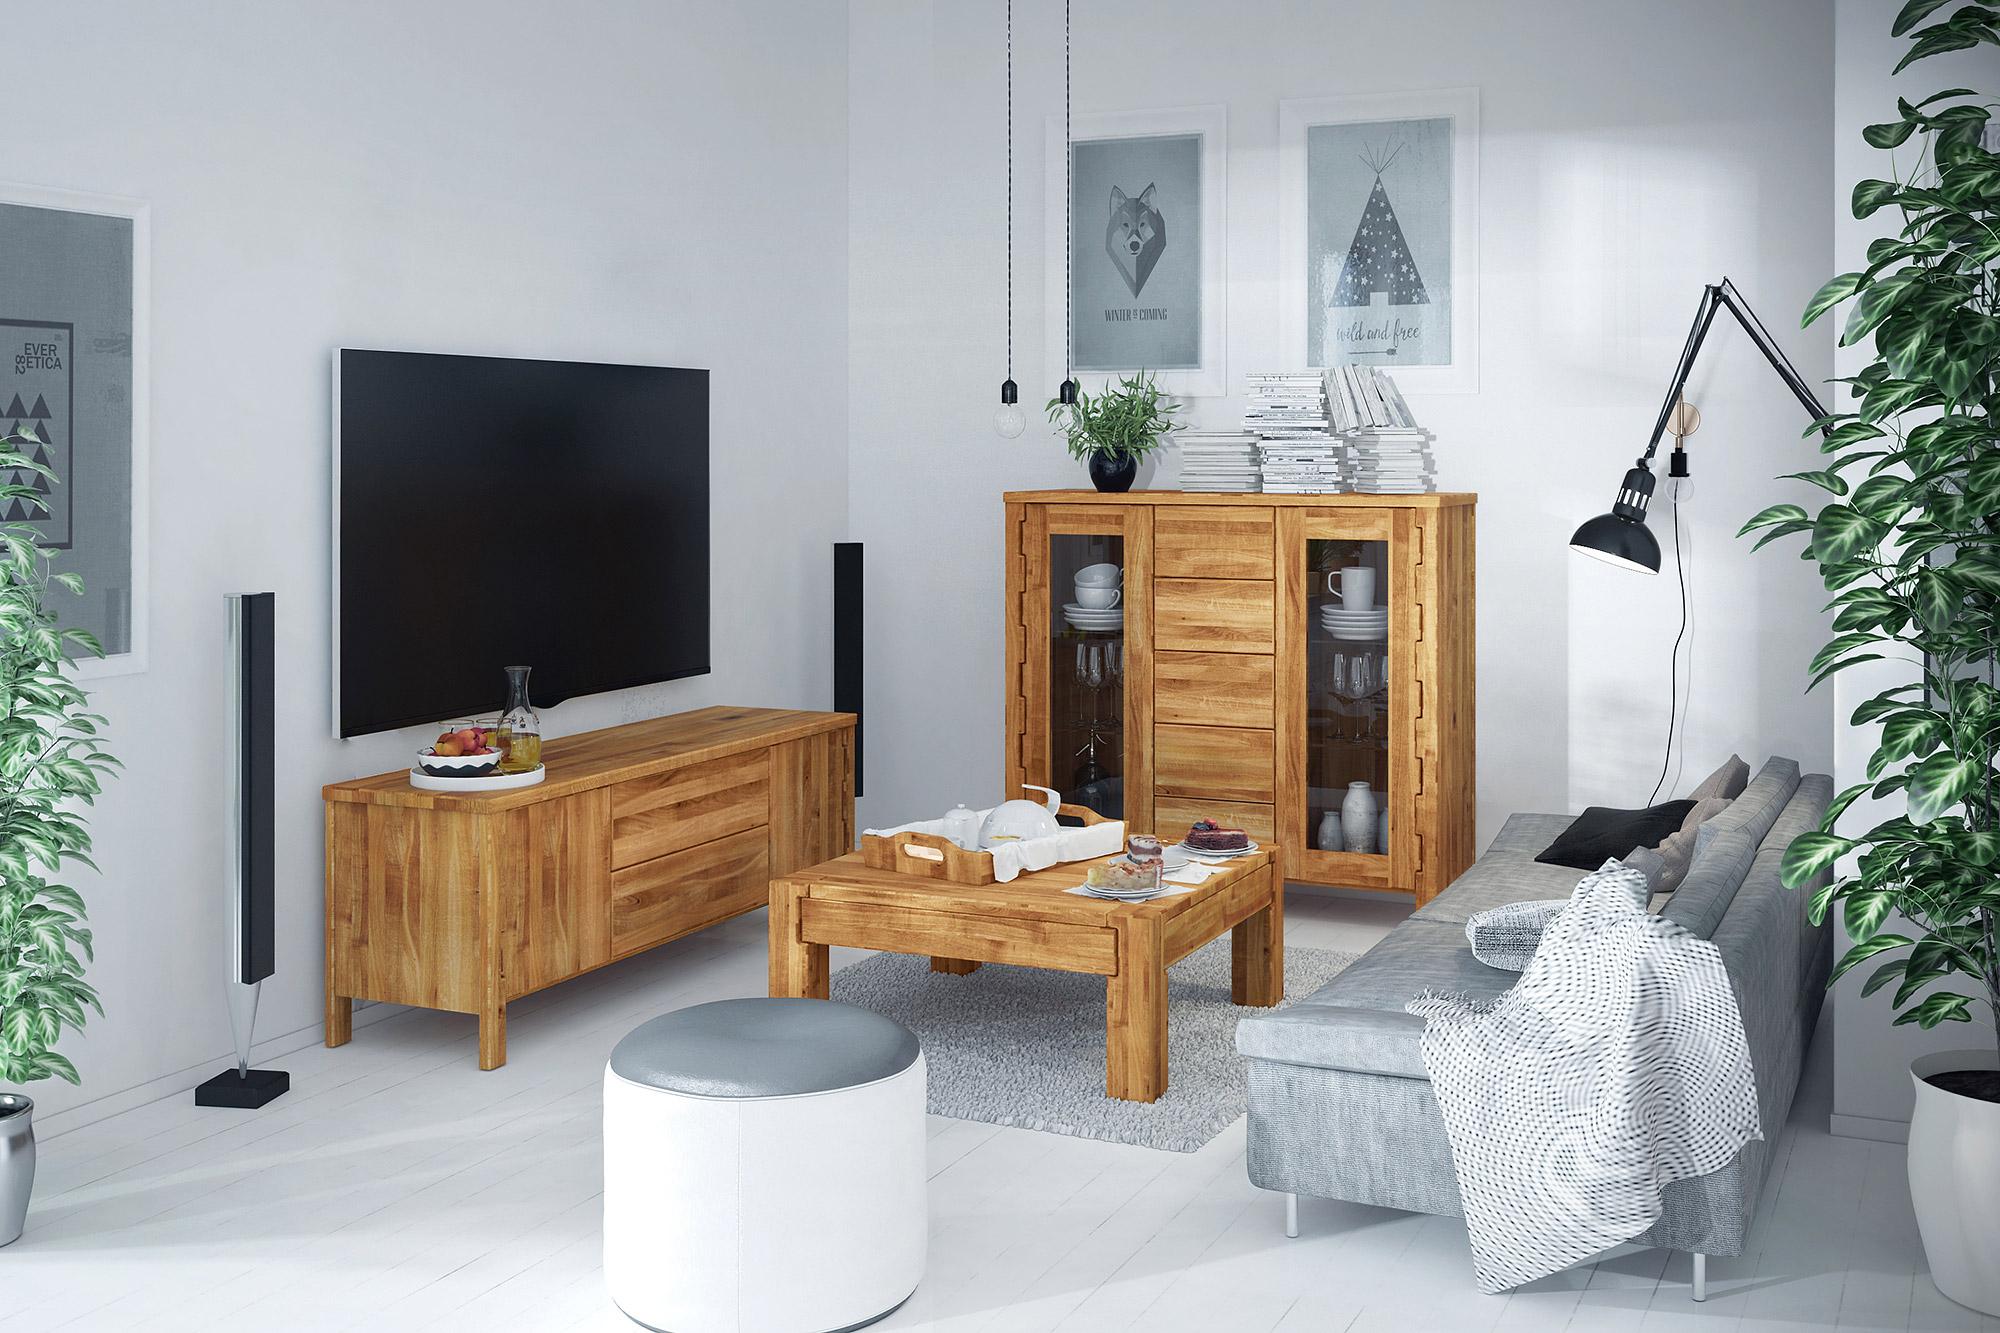 Meble z drewniane z kolekcji Koli The Beds